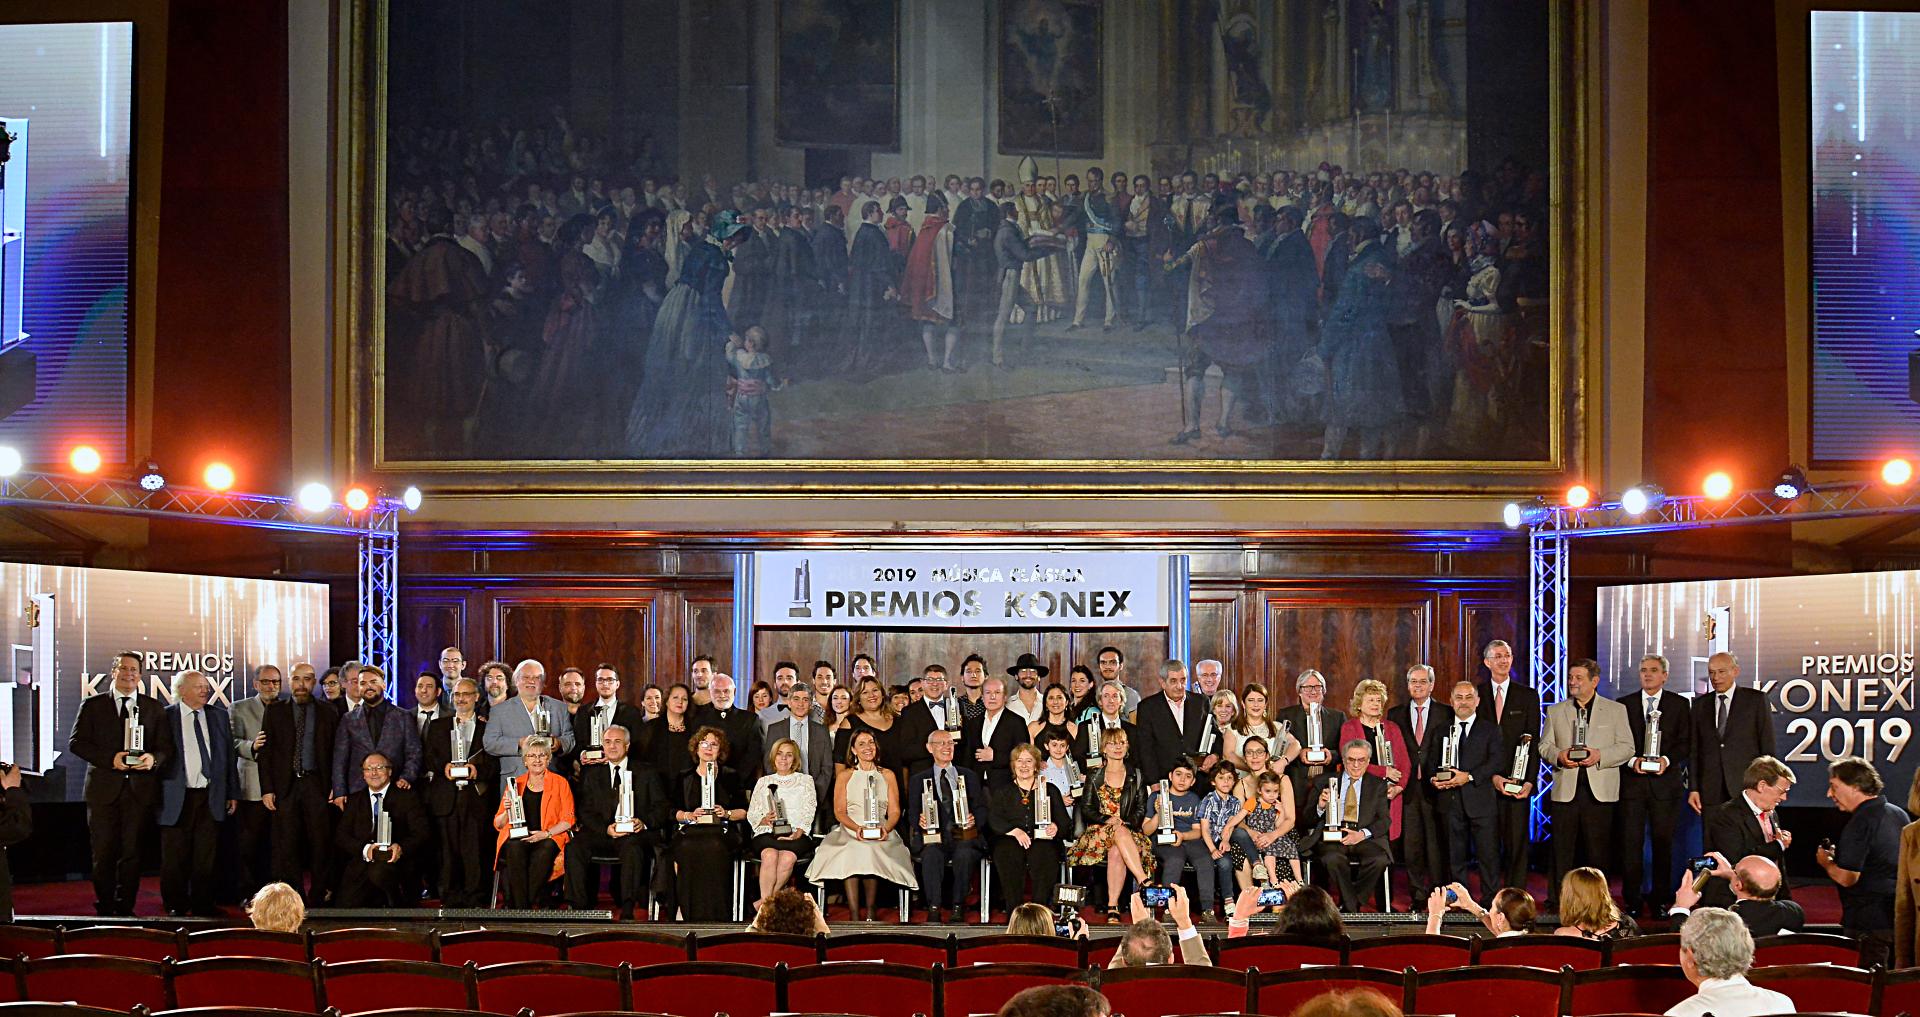 La foto final de la entrega de los Premios Konex 2019 a la música clásica: todos los ganadores sobre el escenario